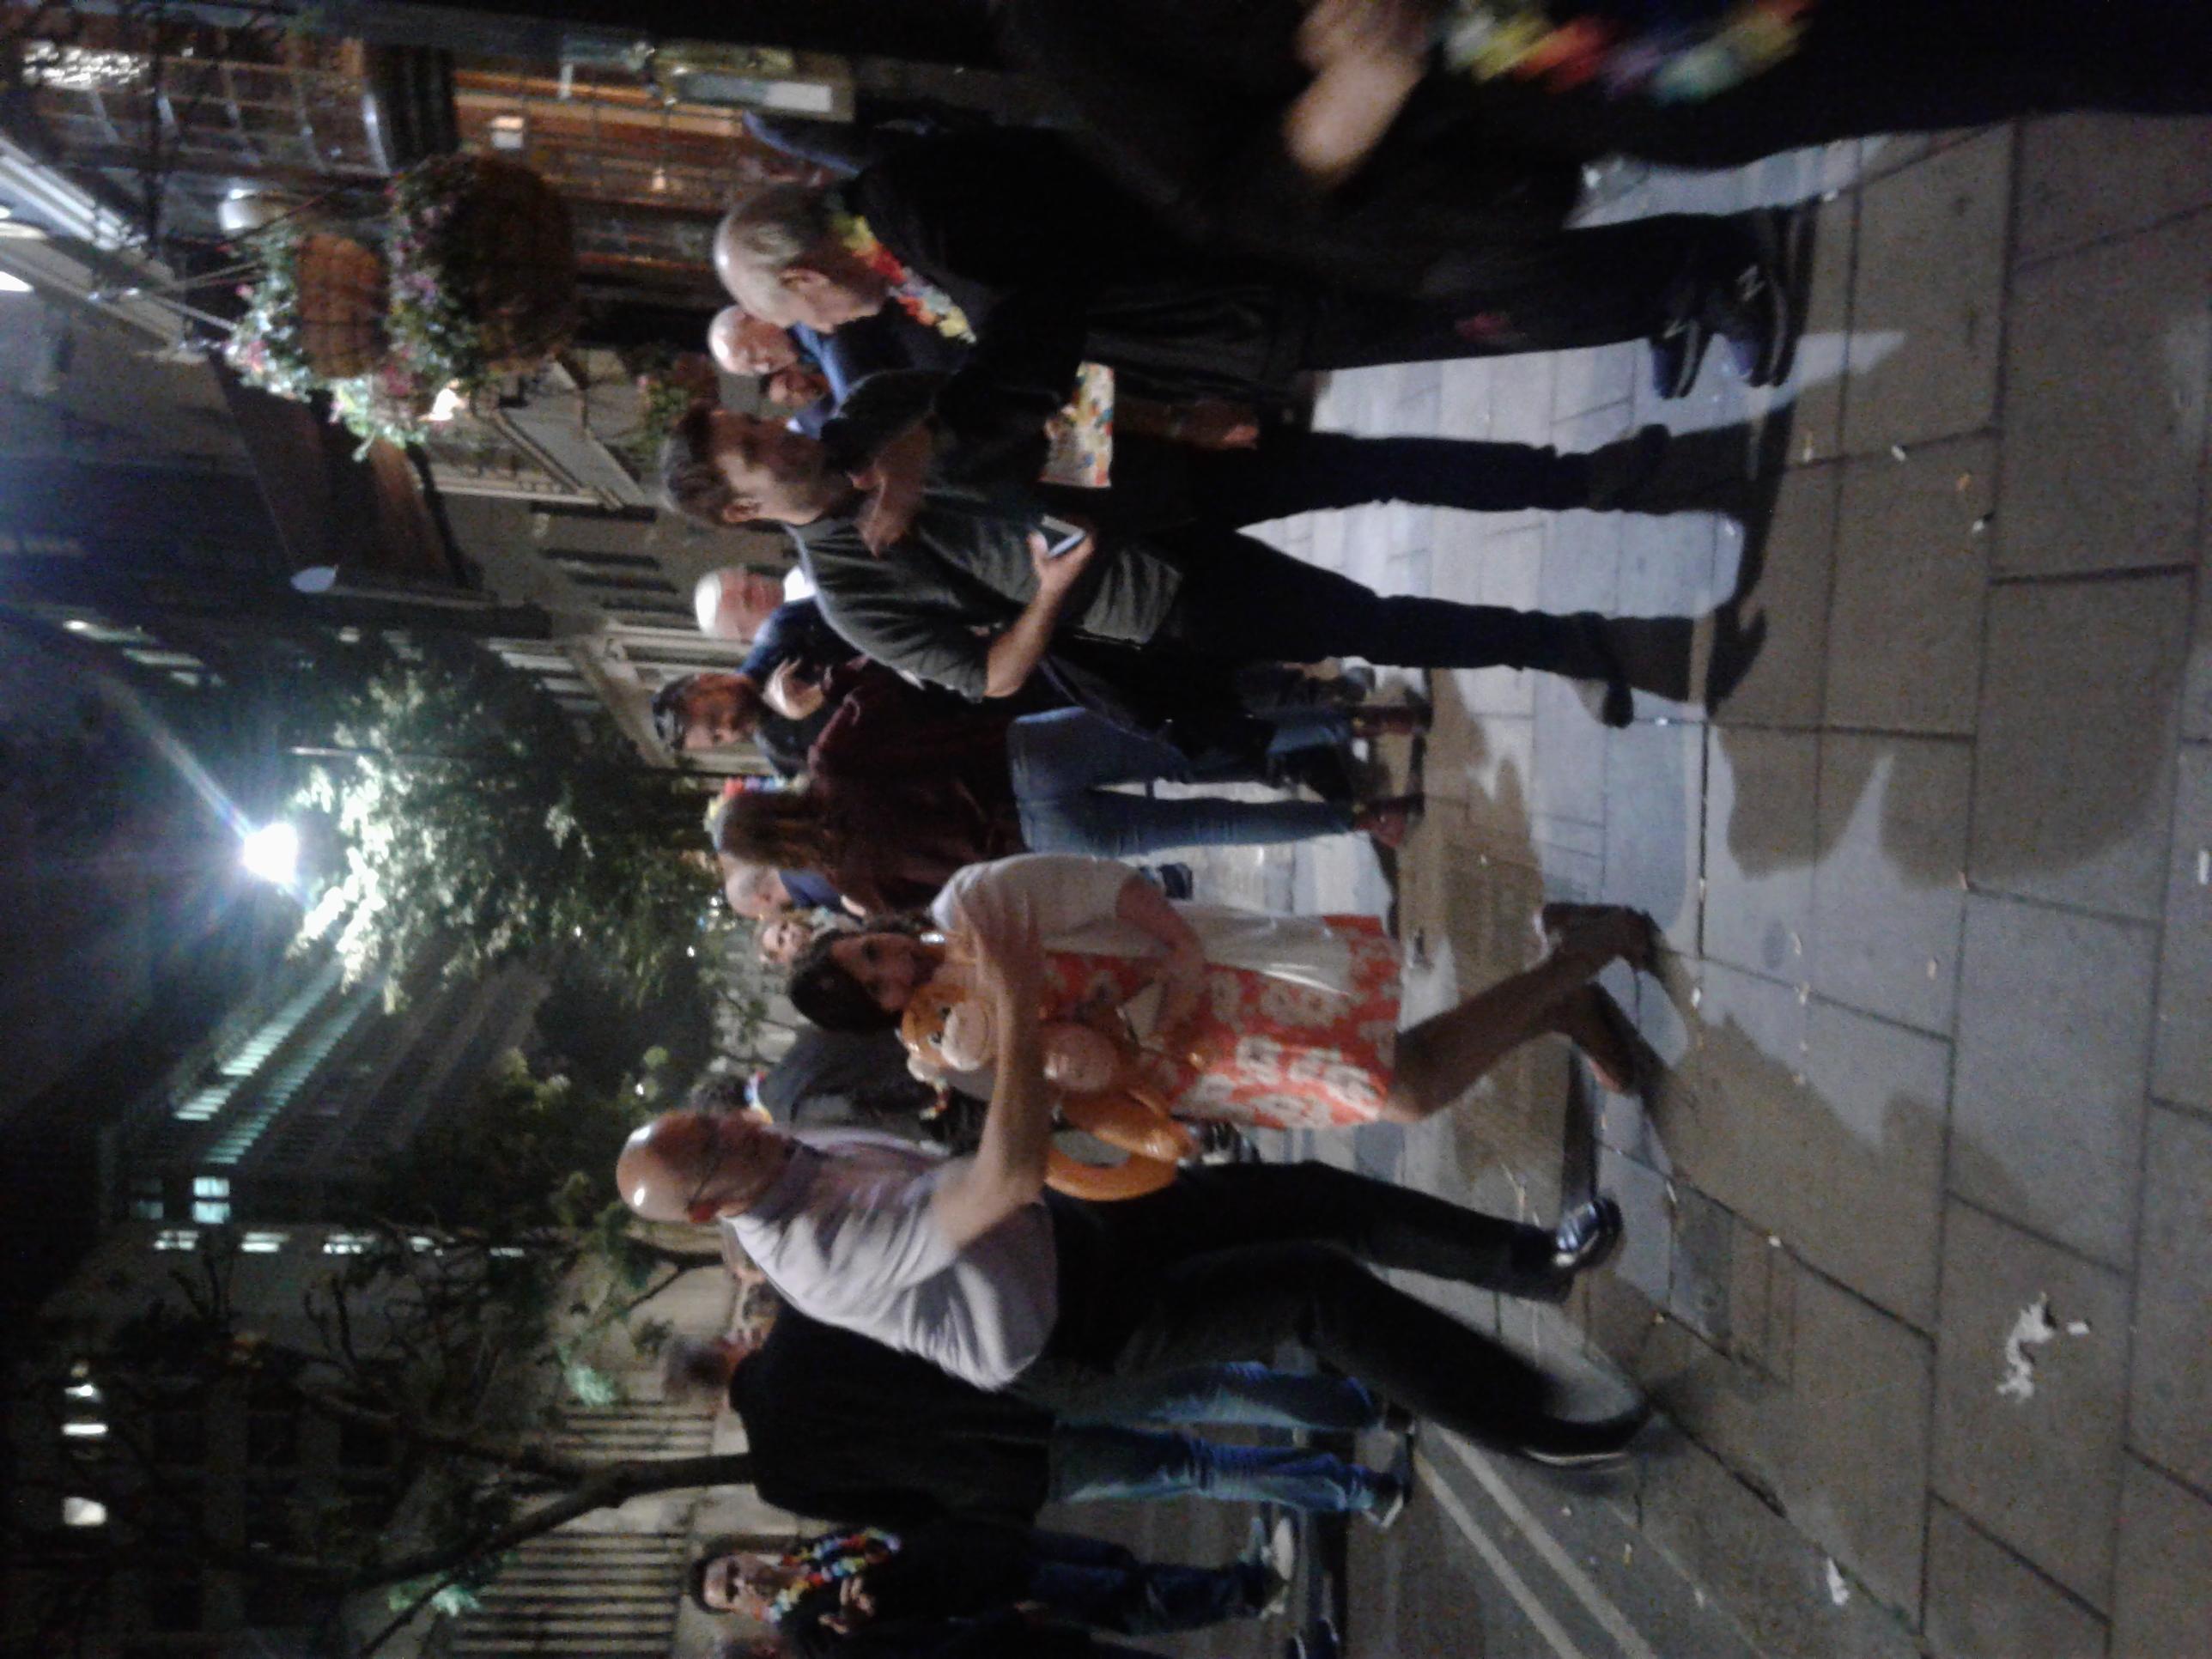 Distoy London 2018 outside on street